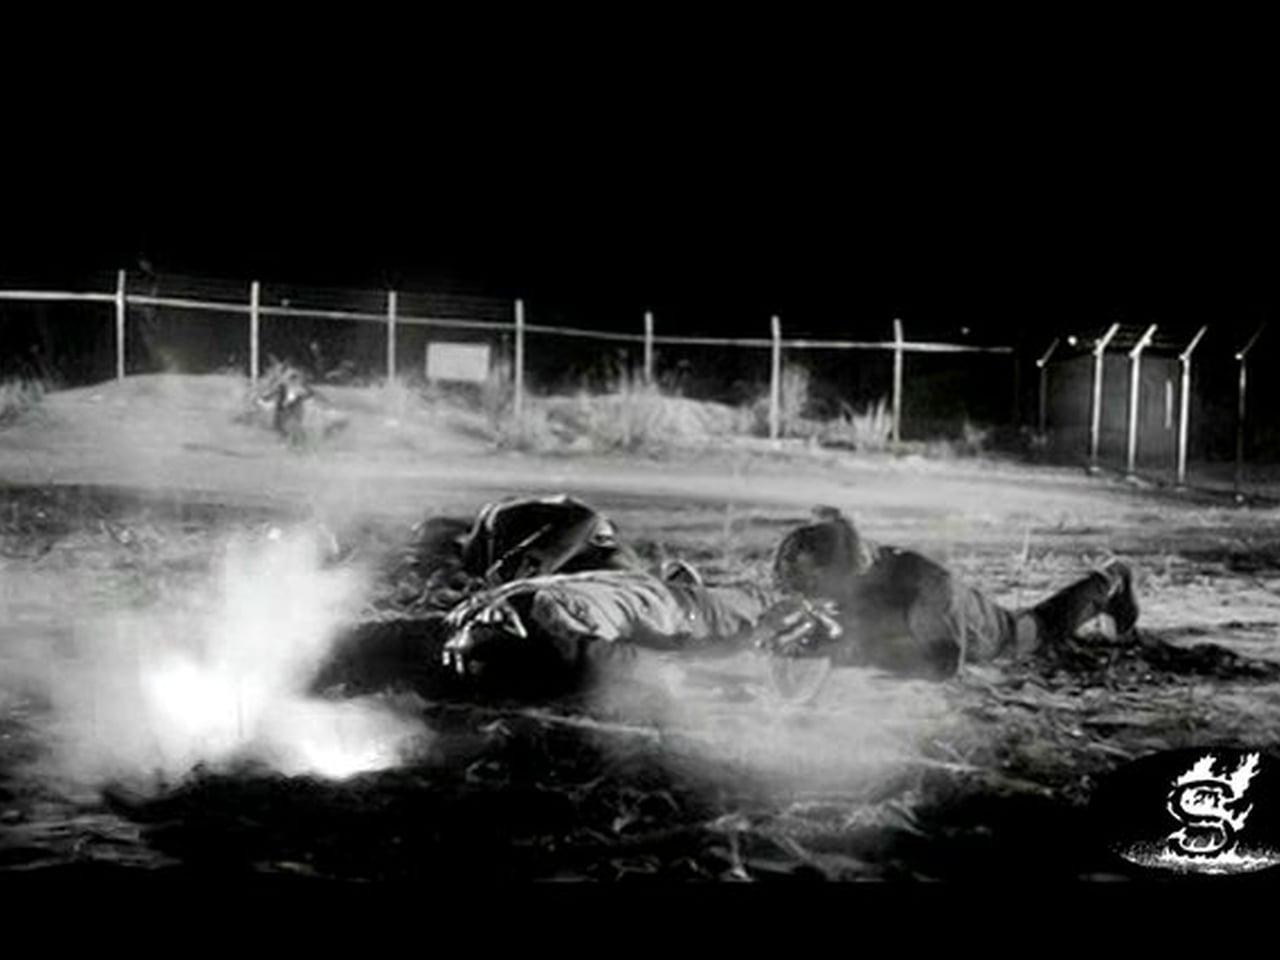 画像1: Ecstasy of the Angels (1972) - Koji Wakamatsu vimeo.com